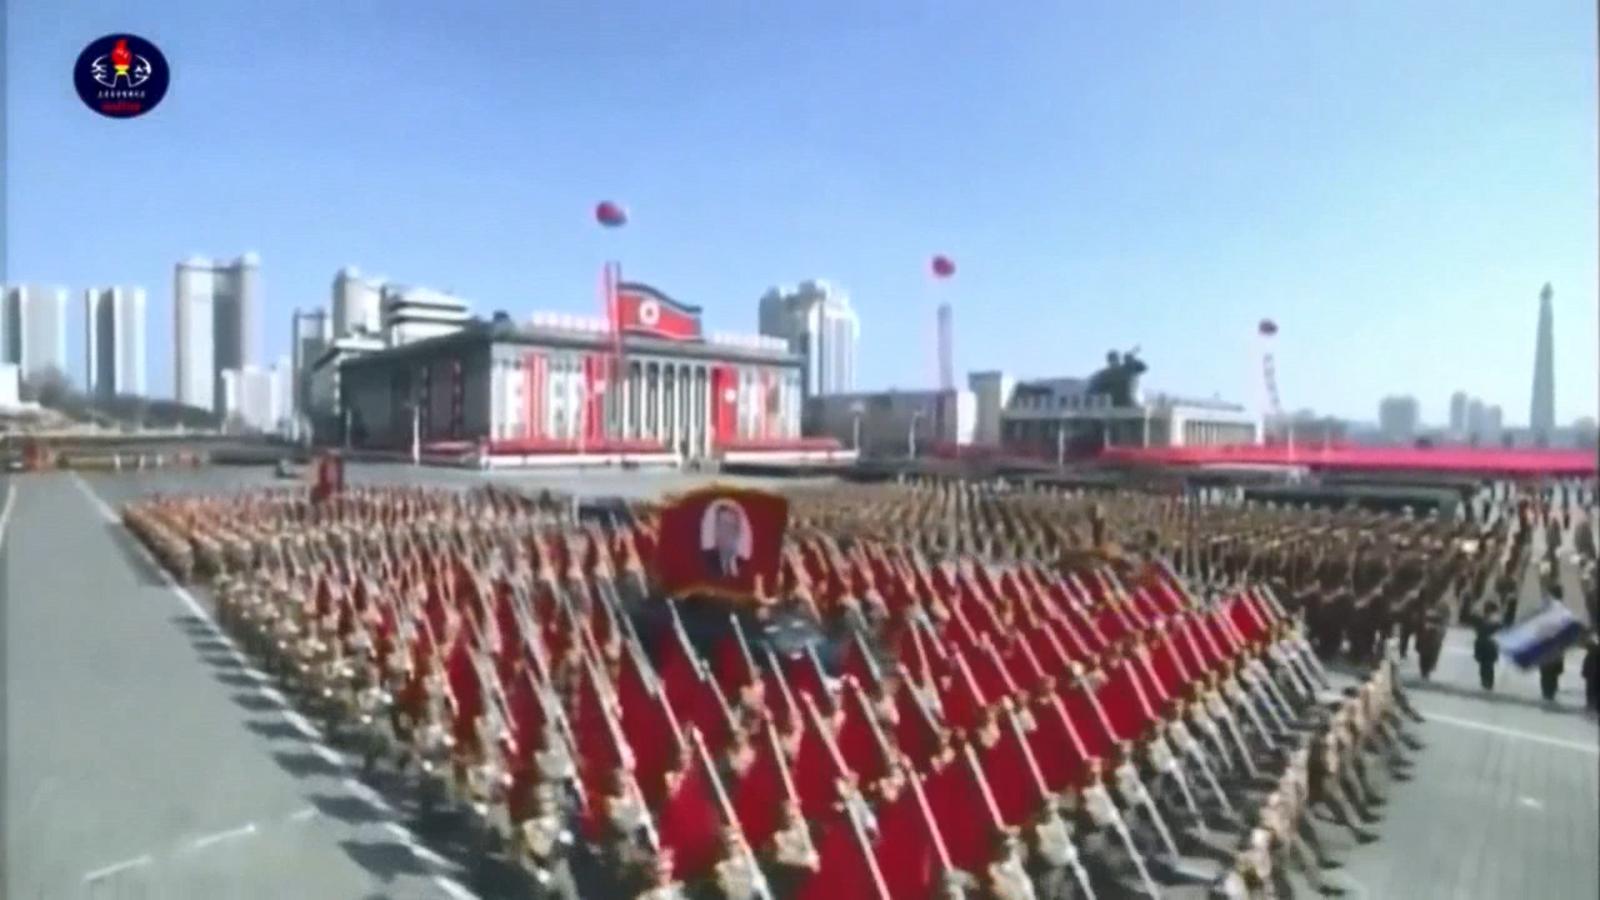 El règim de Corea del Nord va celebrar una desfilada la vigília dels Jocs Olímpics d'Hivern de Pyeongchang